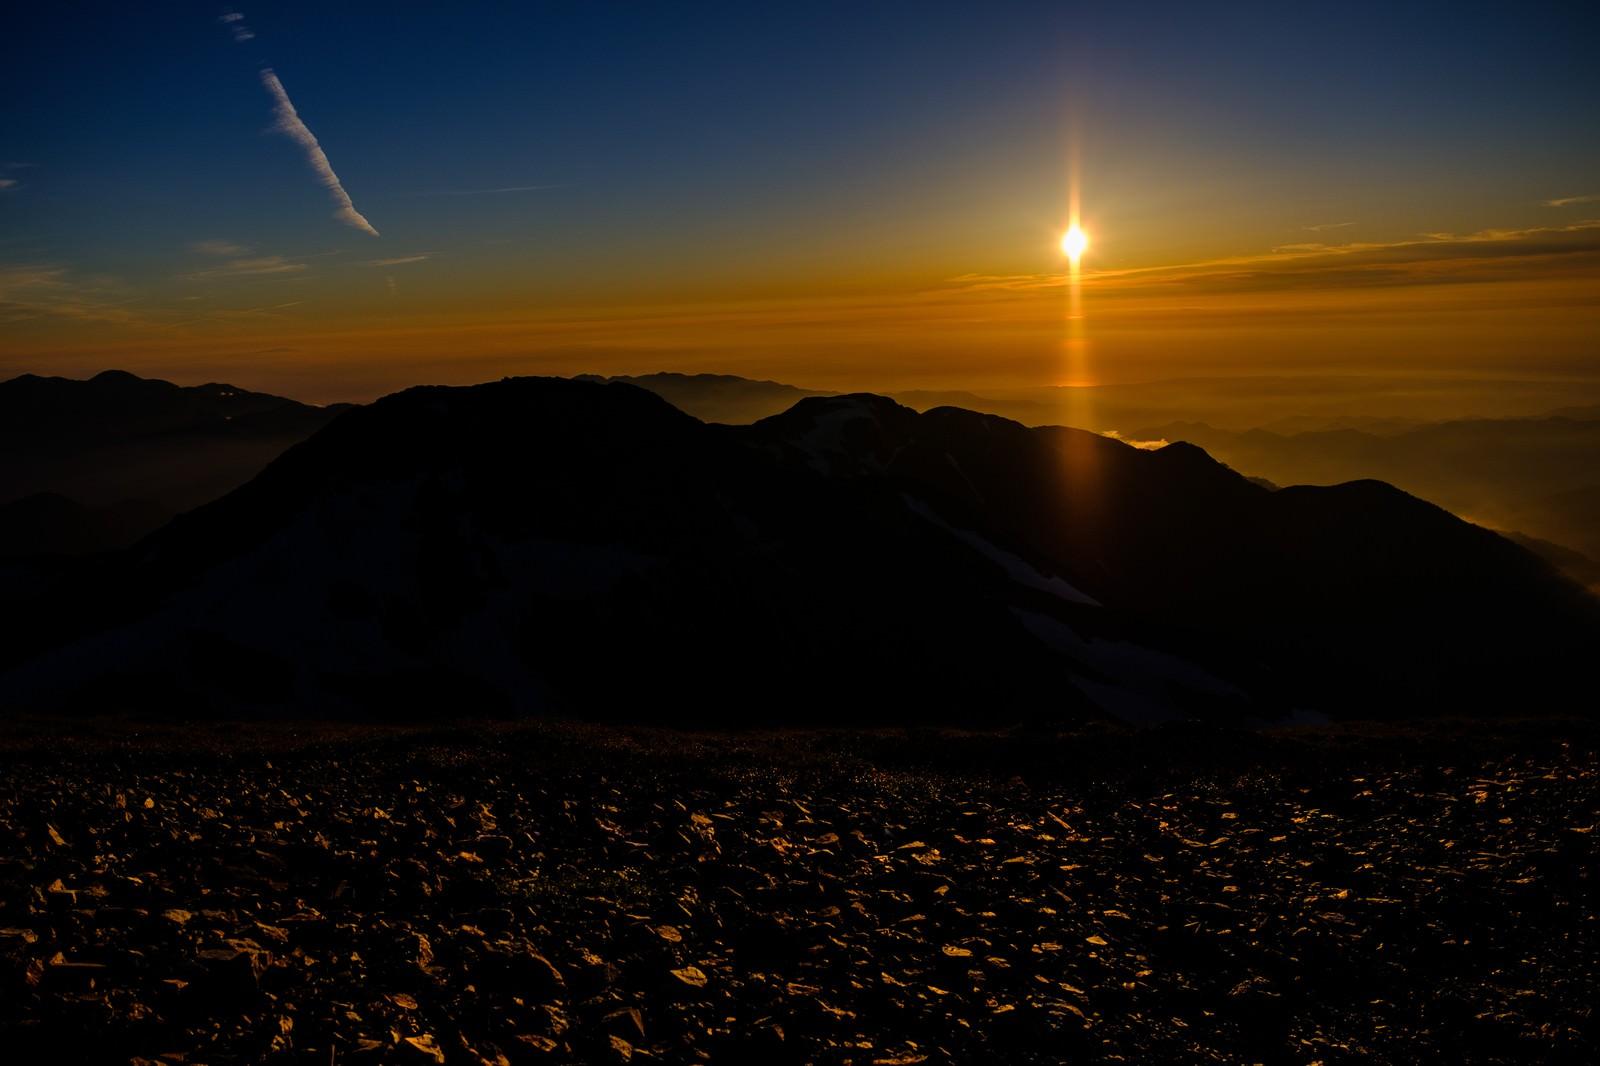 「夕日に照らされた登山道(白馬岳)」の写真